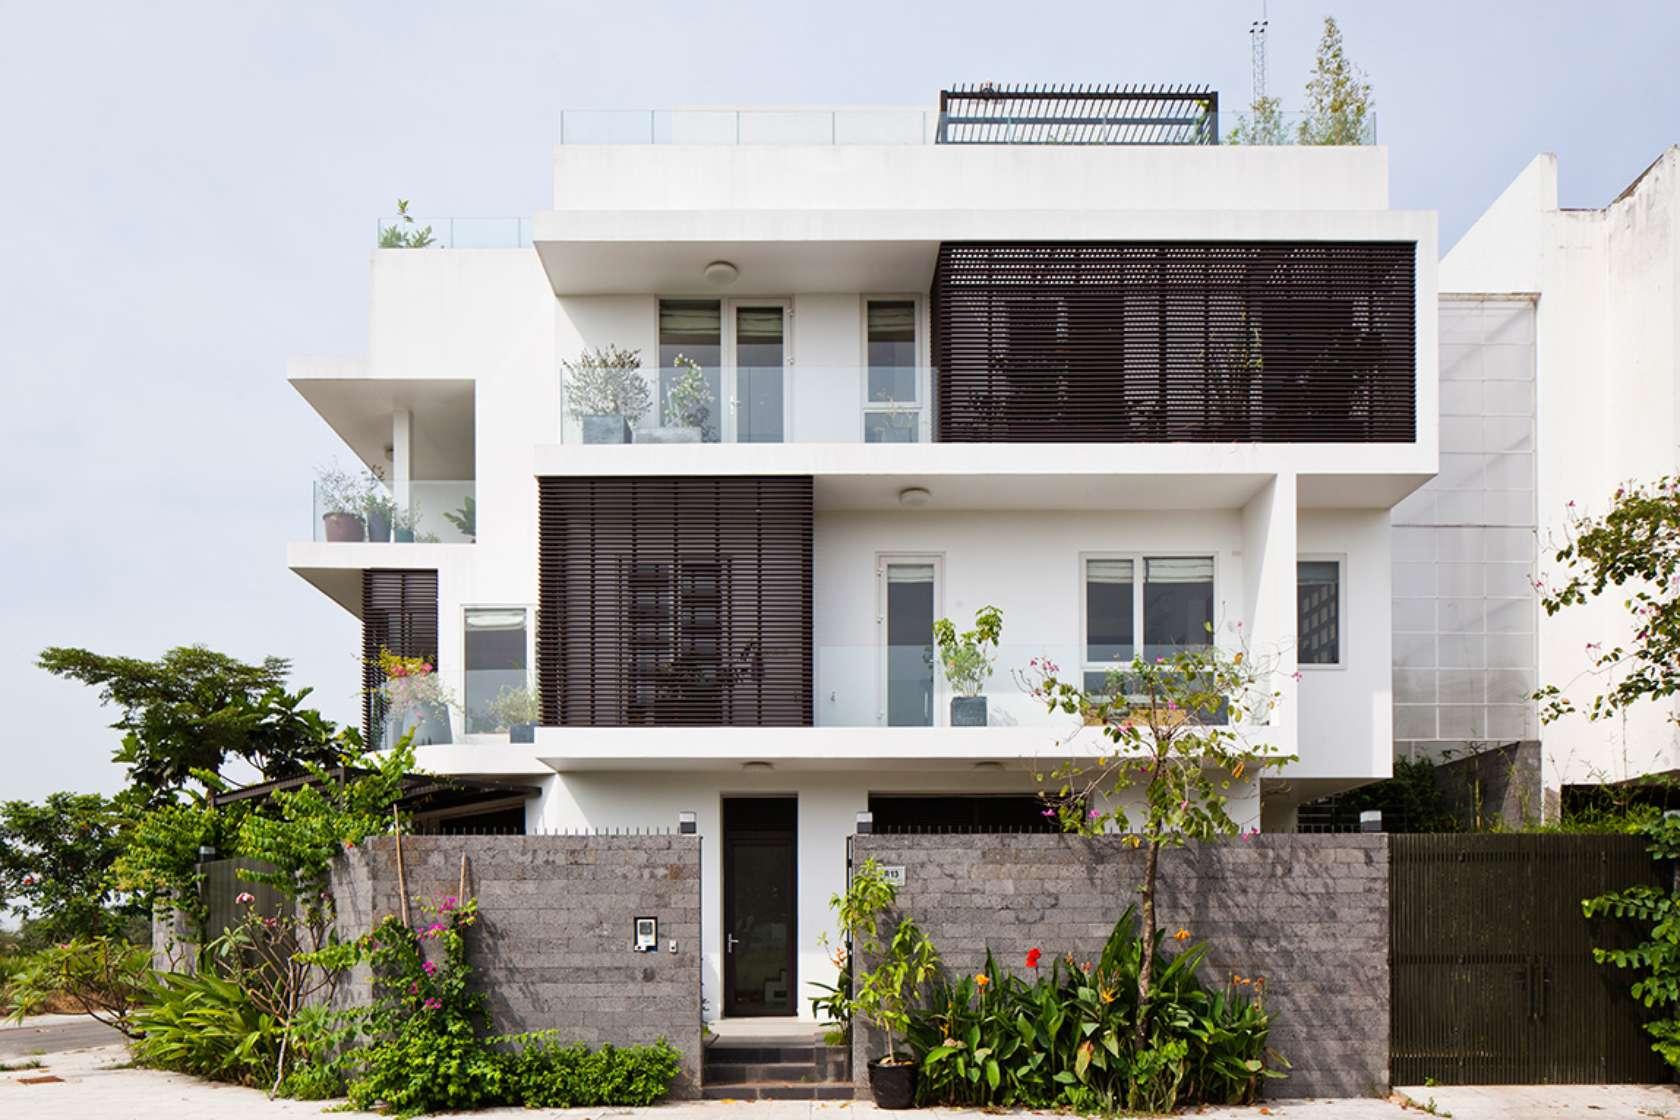 Báo Tây khen không tiếc lời công trình nhà phố 3 tầng có sân vườn cực đẹp ở Sài Gòn - Nhà Đẹp Số (1)